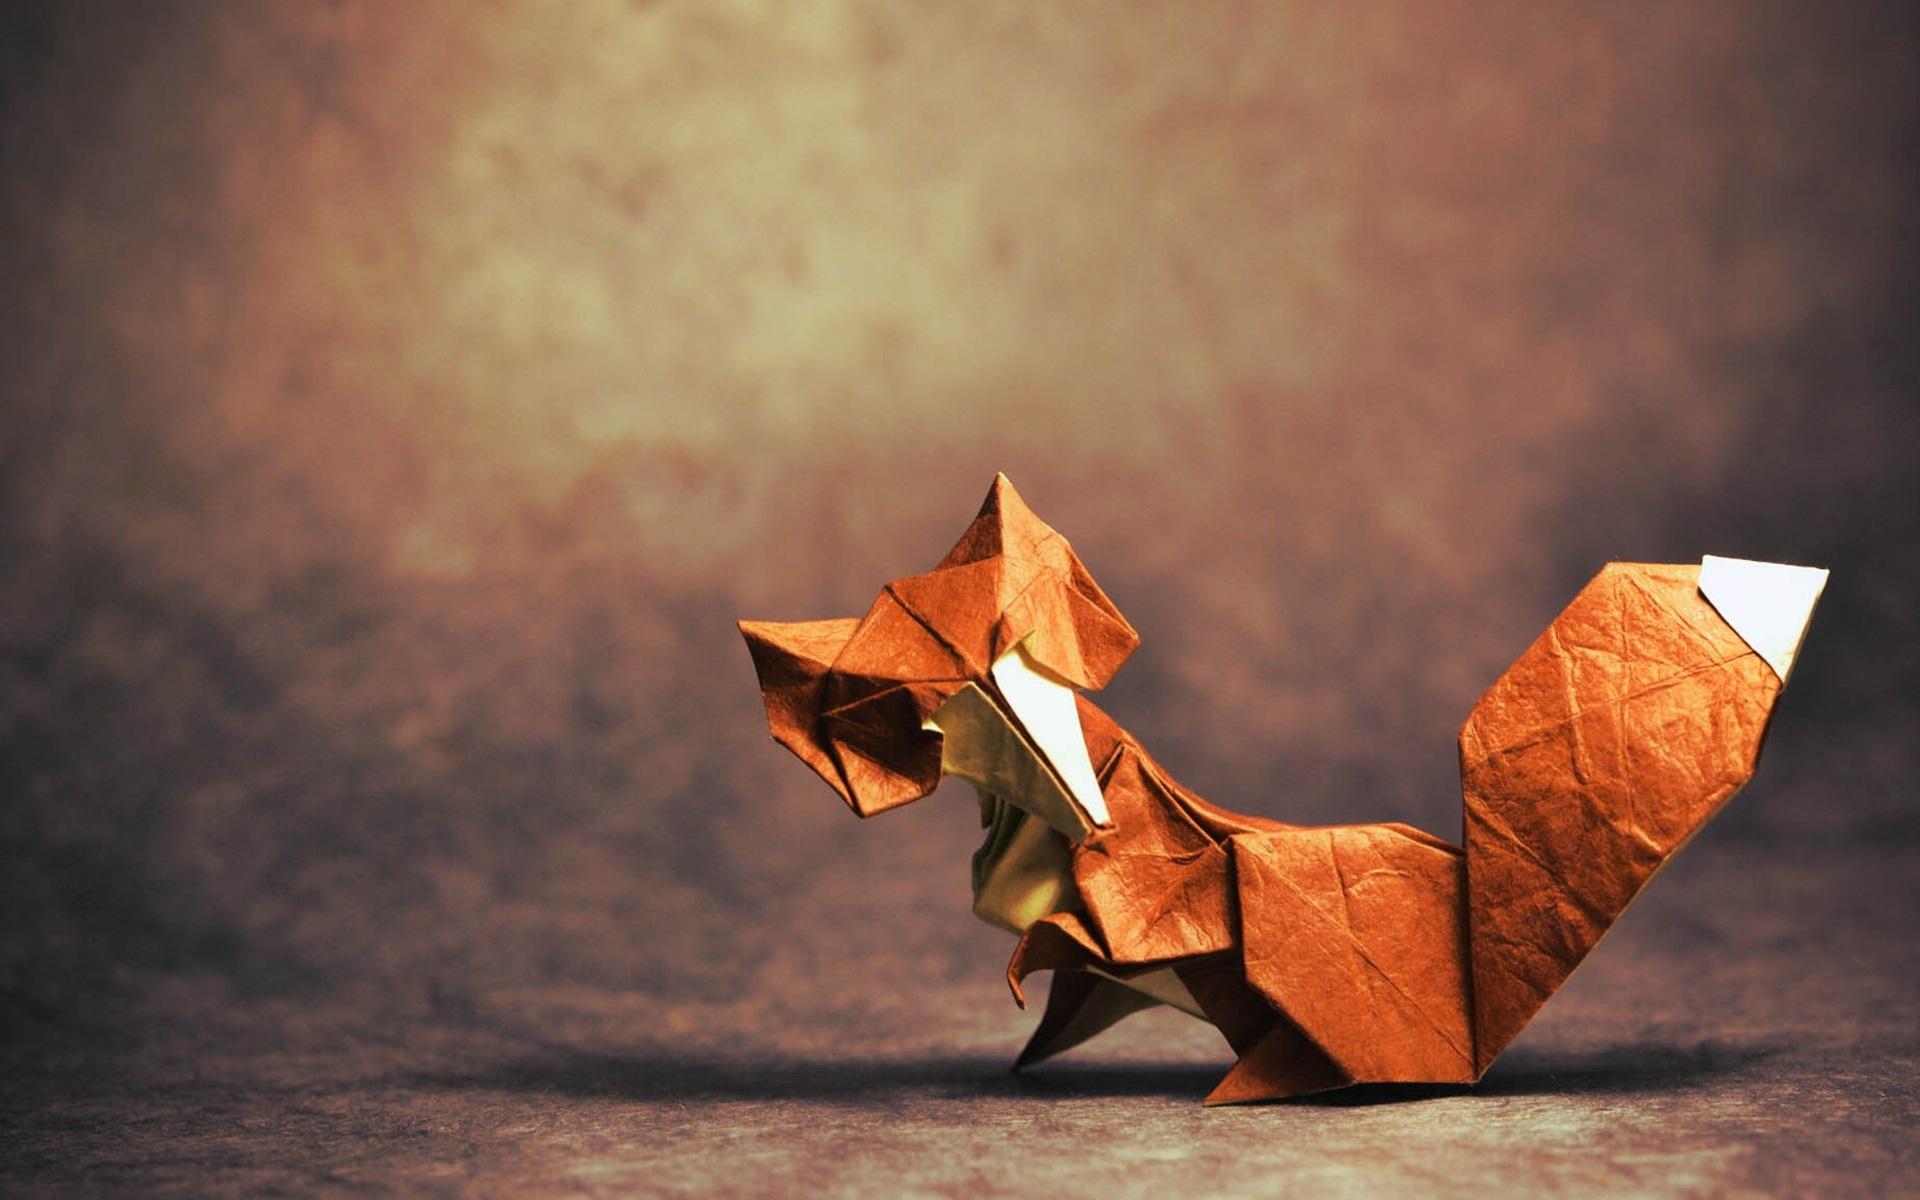 Fonds D 233 Cran Origami L Art Le Renard 1920x1200 Hd Image